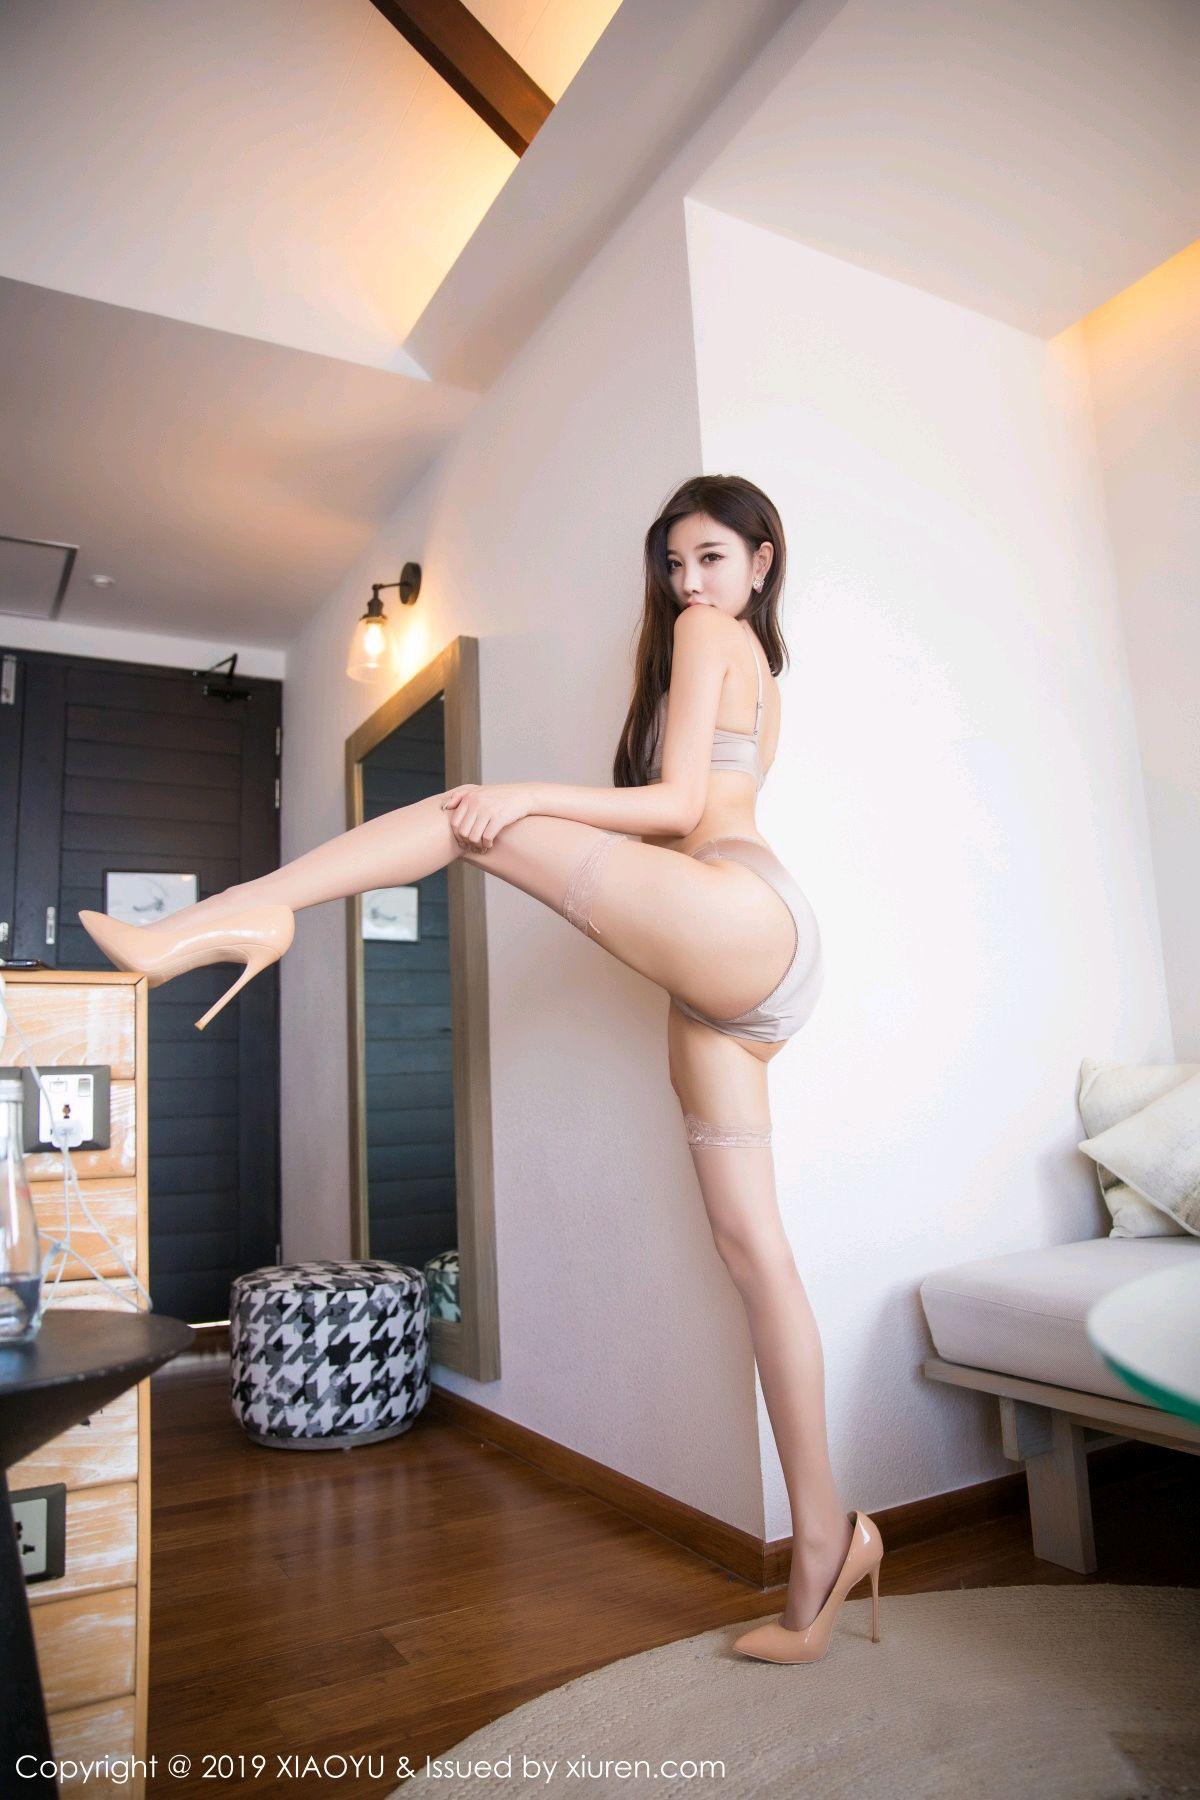 [XiaoYu] Vol.067 Yang Chen Chen 33P, Beach, Underwear, XiaoYu, Yang Chen Chen